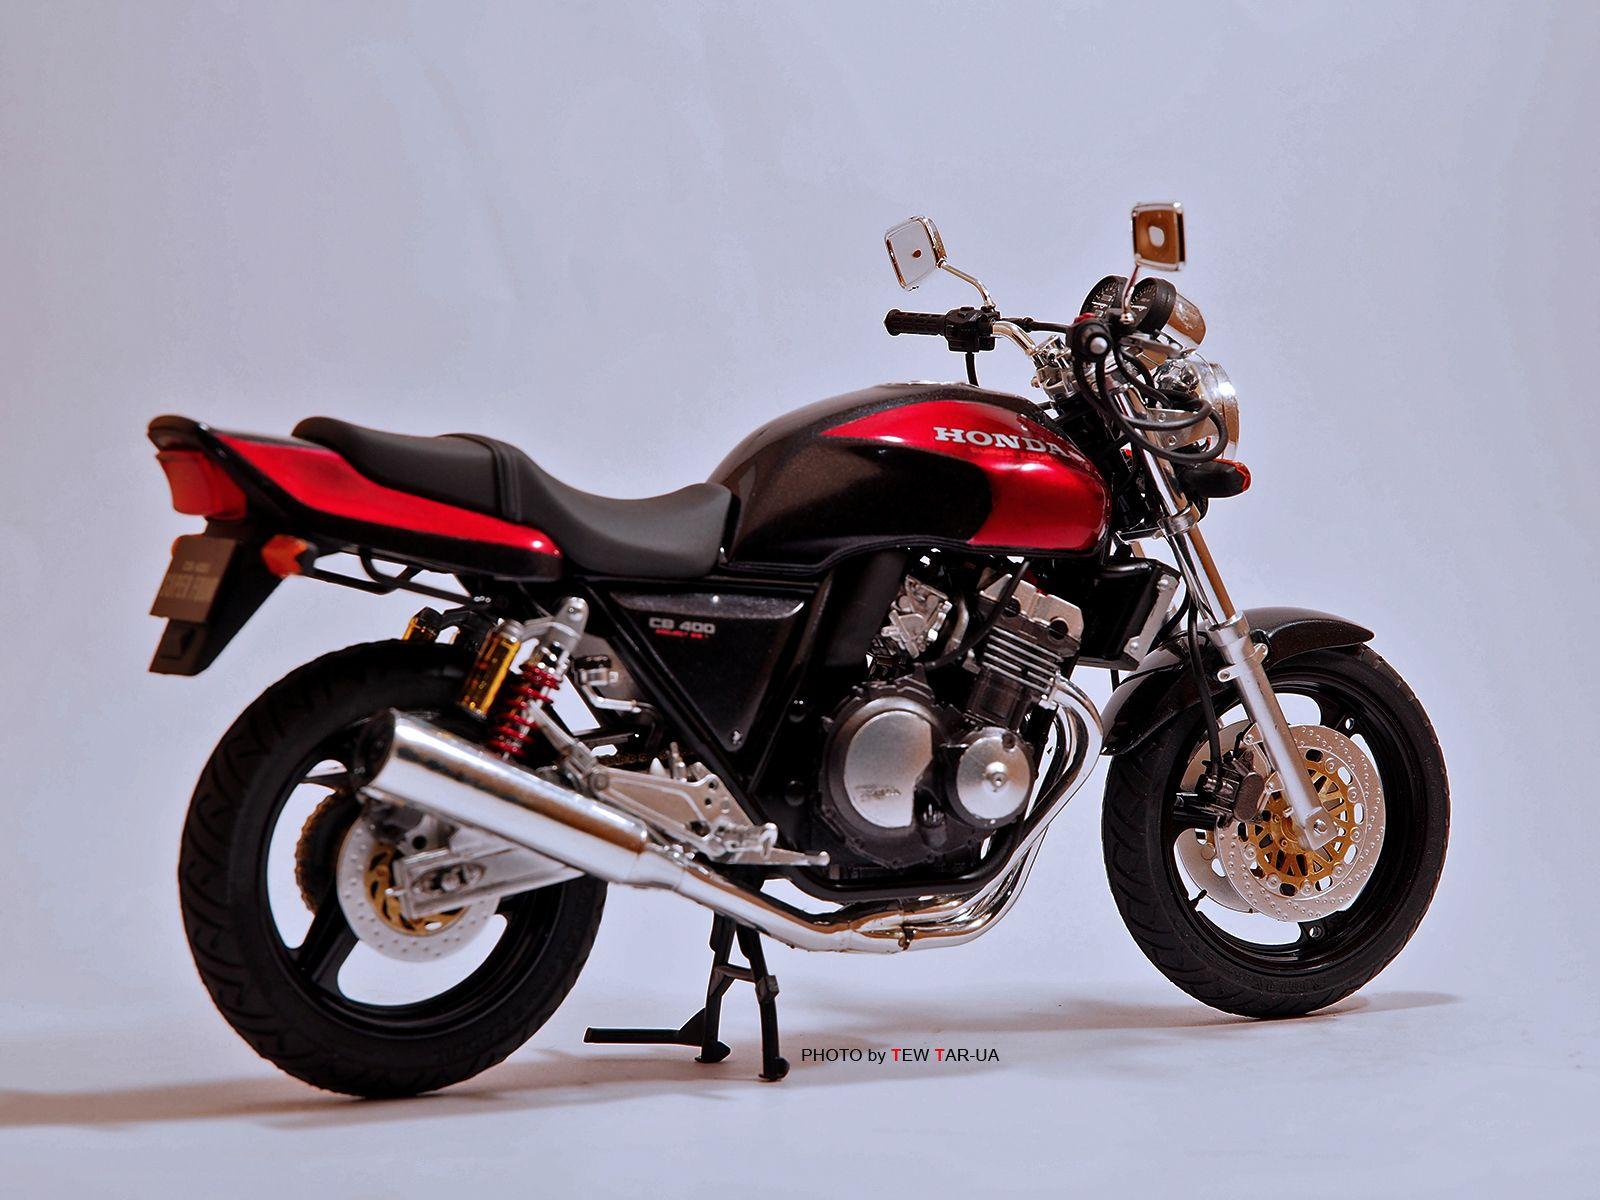 1992 Honda Cb400 Super Four バイク